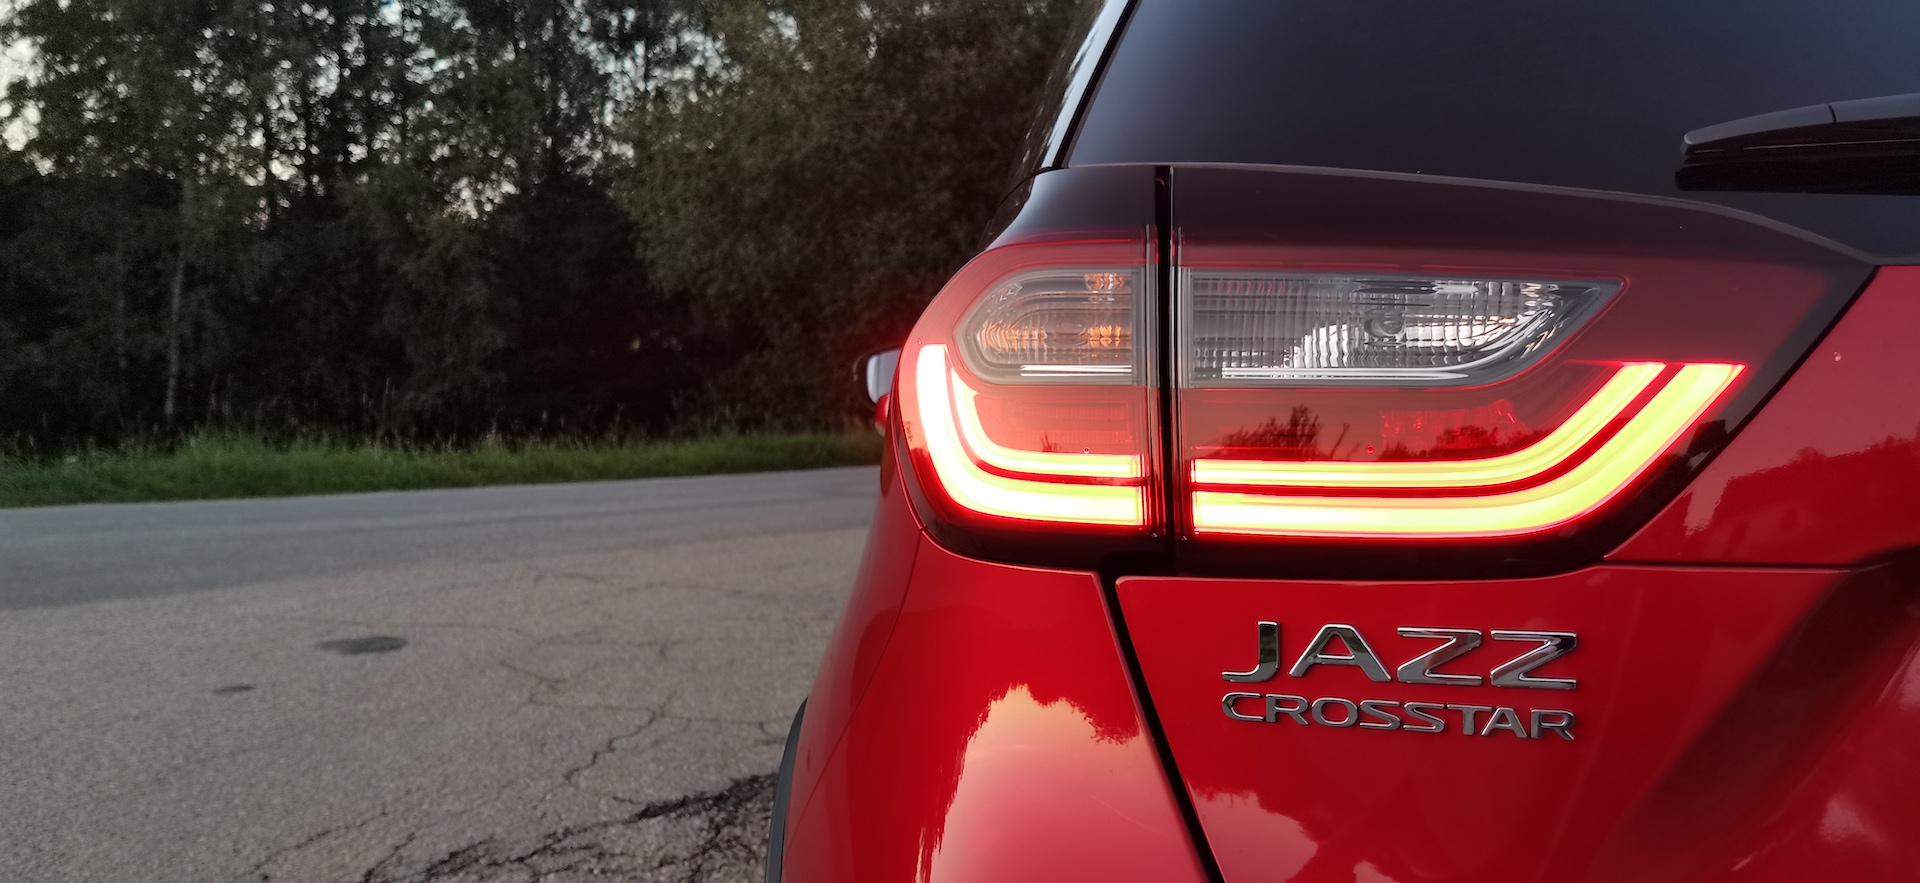 Honda Jazz Crosstar - plaketka